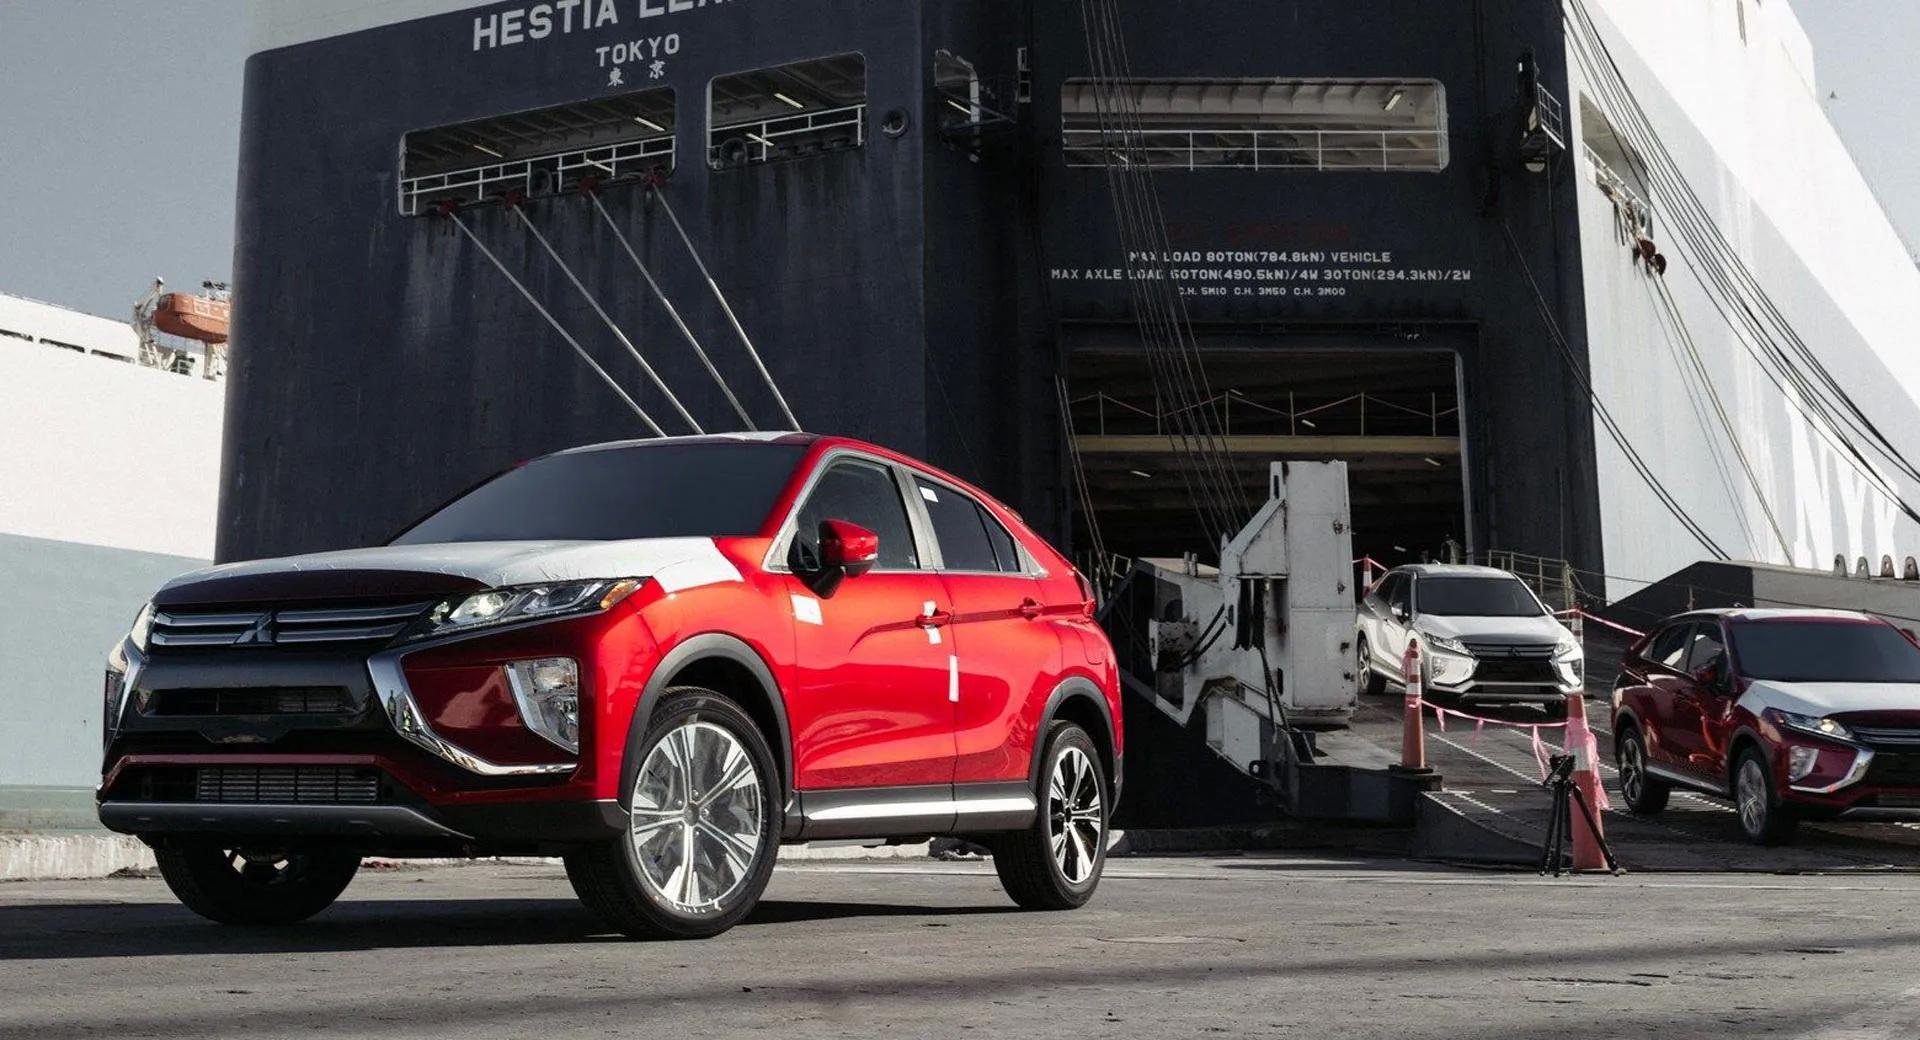 Ngành công nghiệp xe hơi Nhật Bản phải đối mặt với hậu quả do virus corona